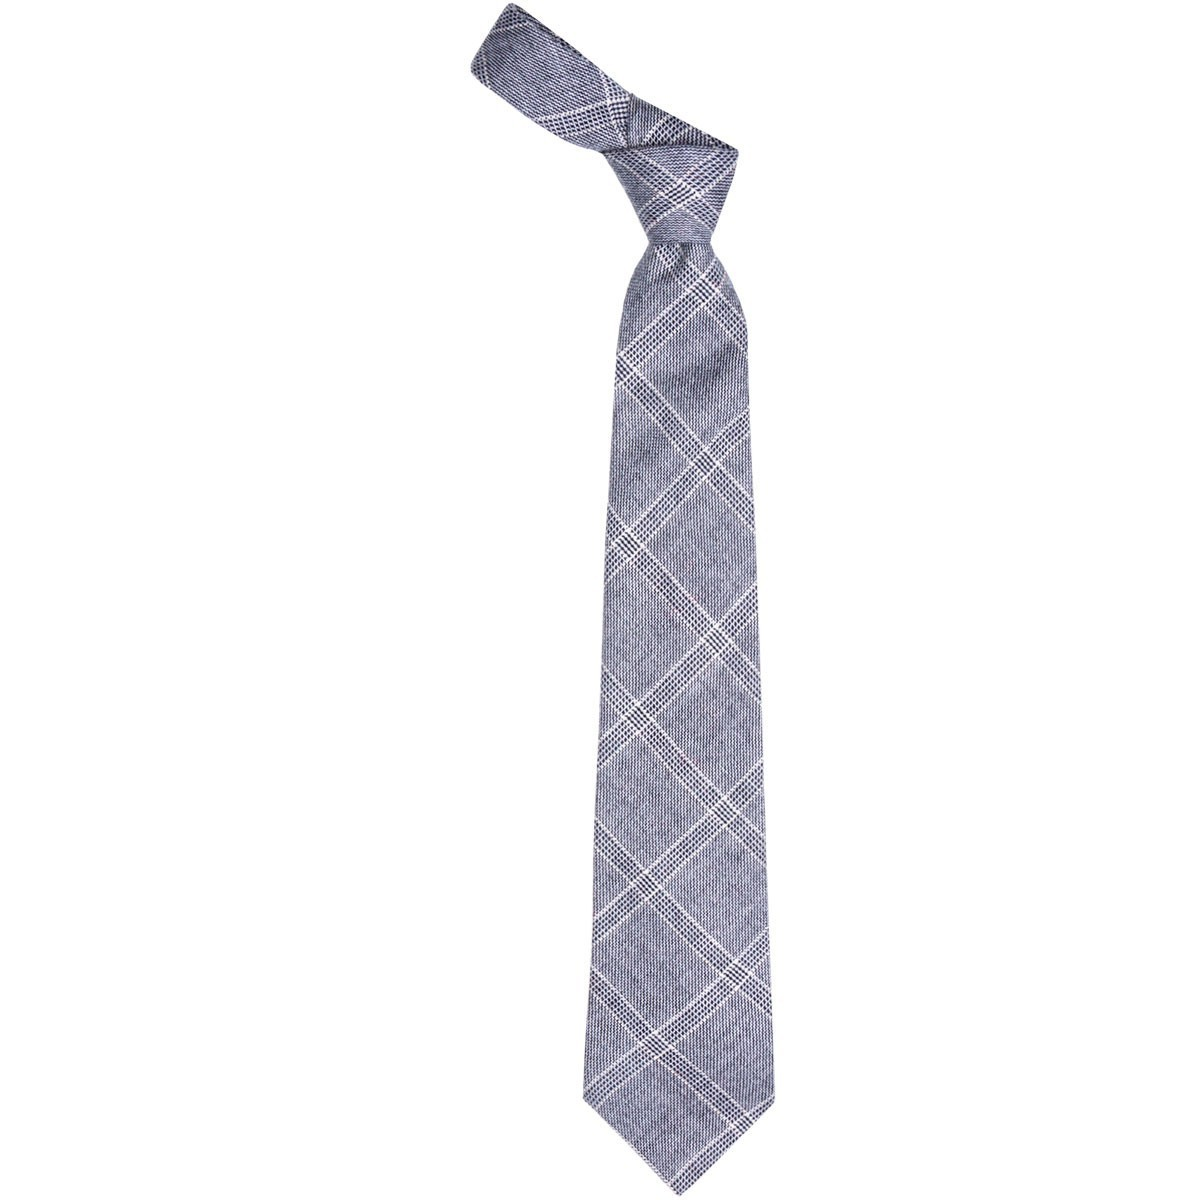 Dornoch Check Lochcarron of Scotland Tweed Wool Tie